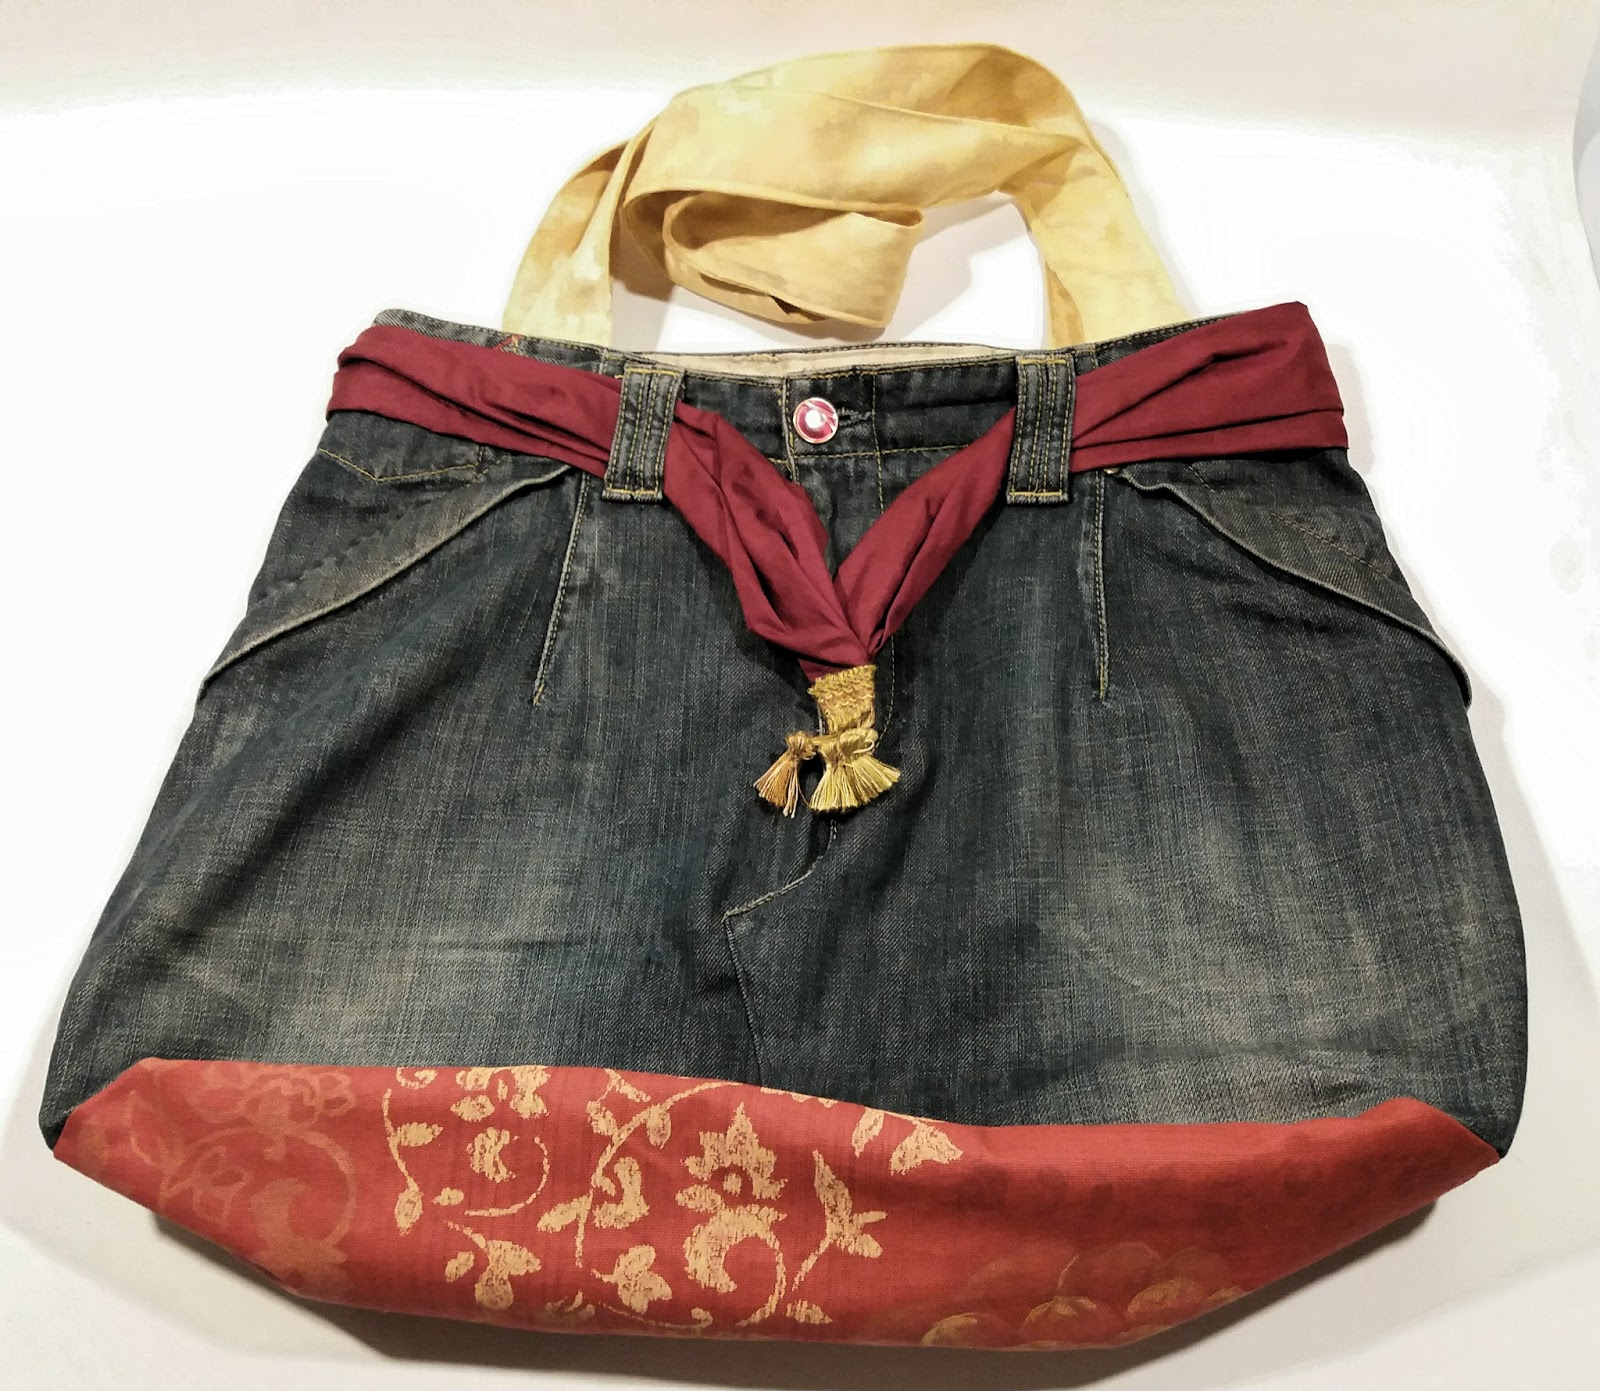 Borse Fatte Mano : Ecoartigianato borse jeans fatte a mano uniche e originali